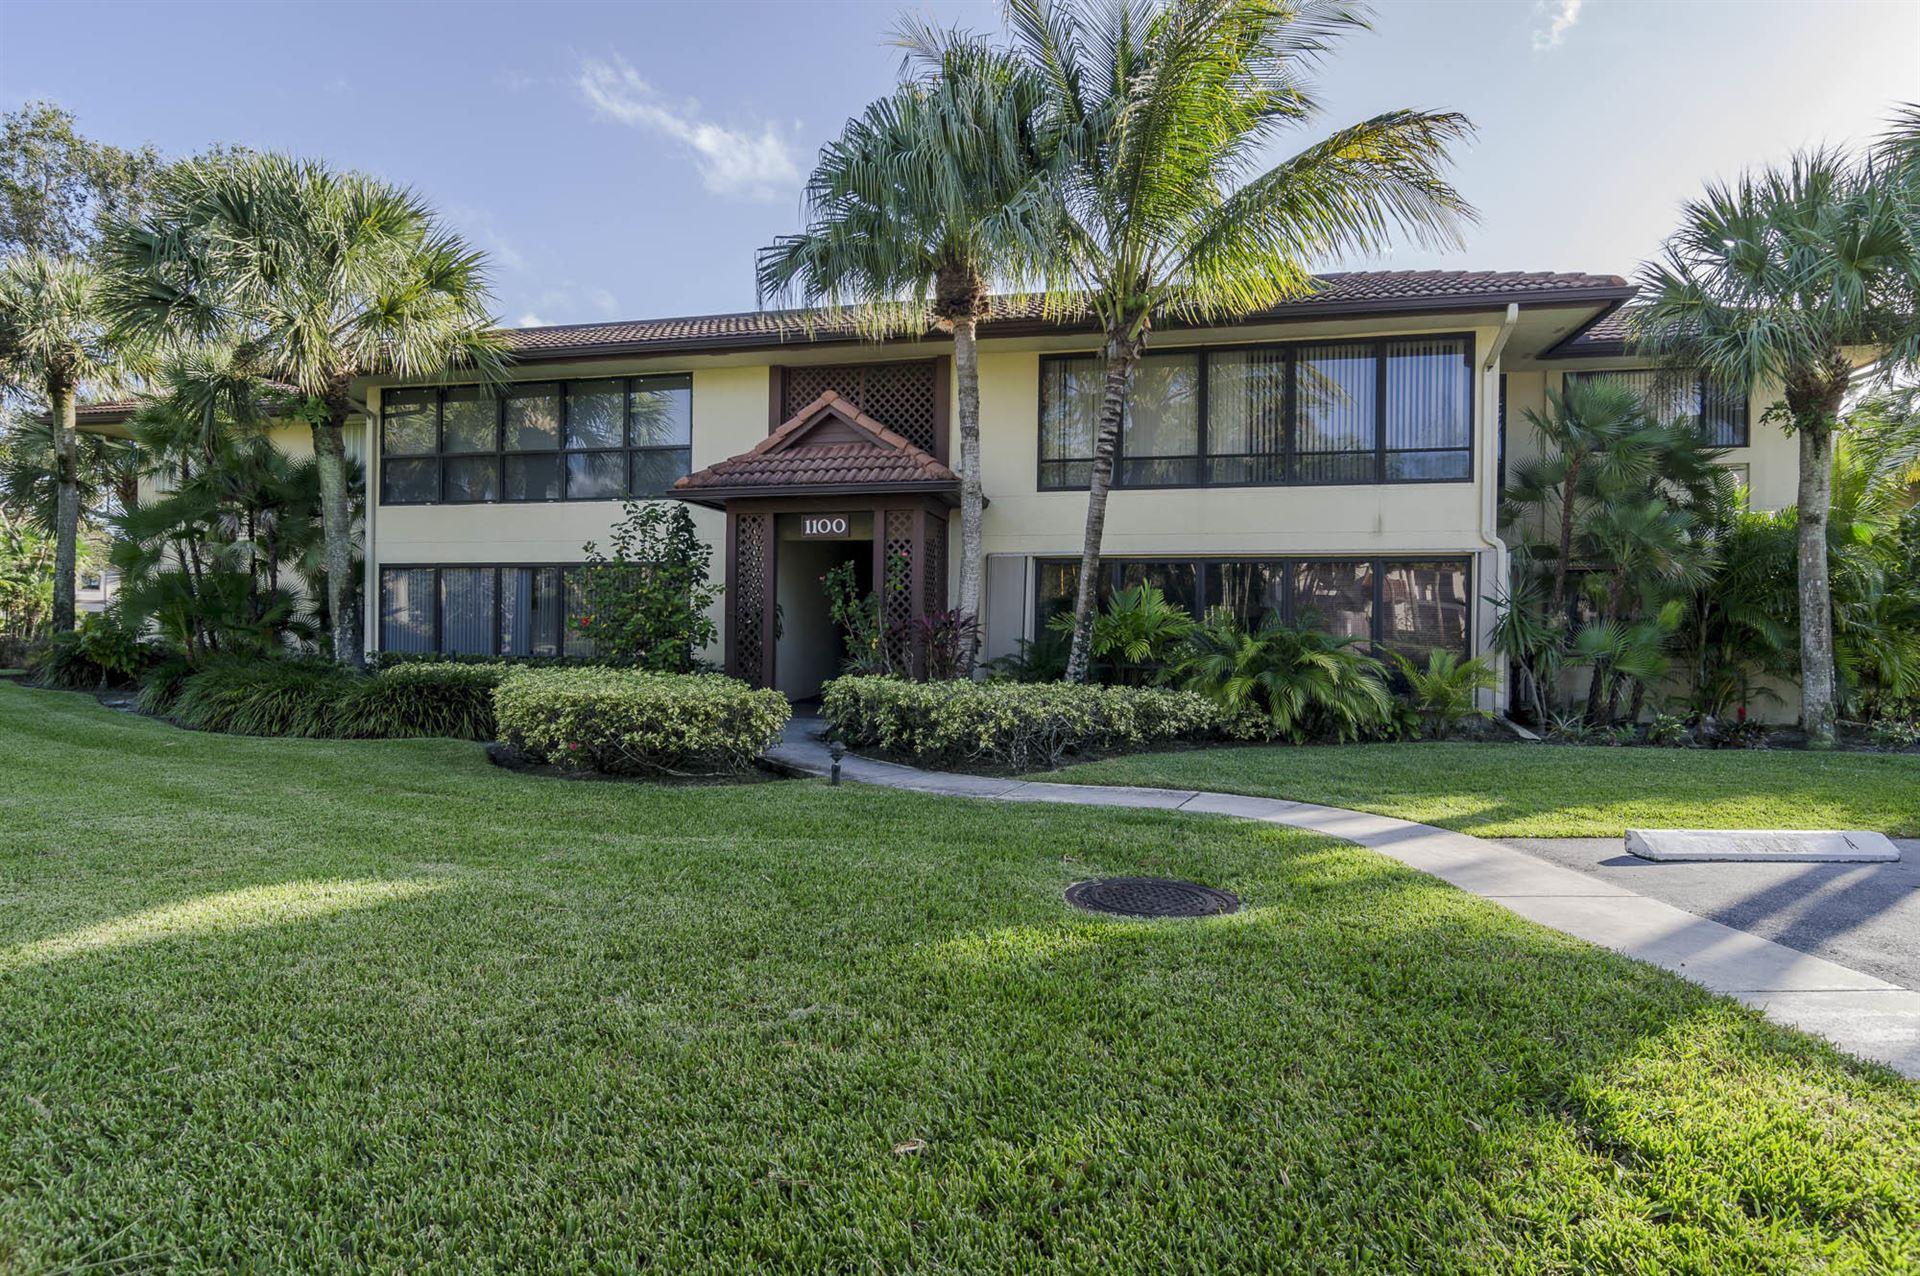 Photo of 1100 Duncan Circle #204, Palm Beach Gardens, FL 33418 (MLS # RX-10674167)